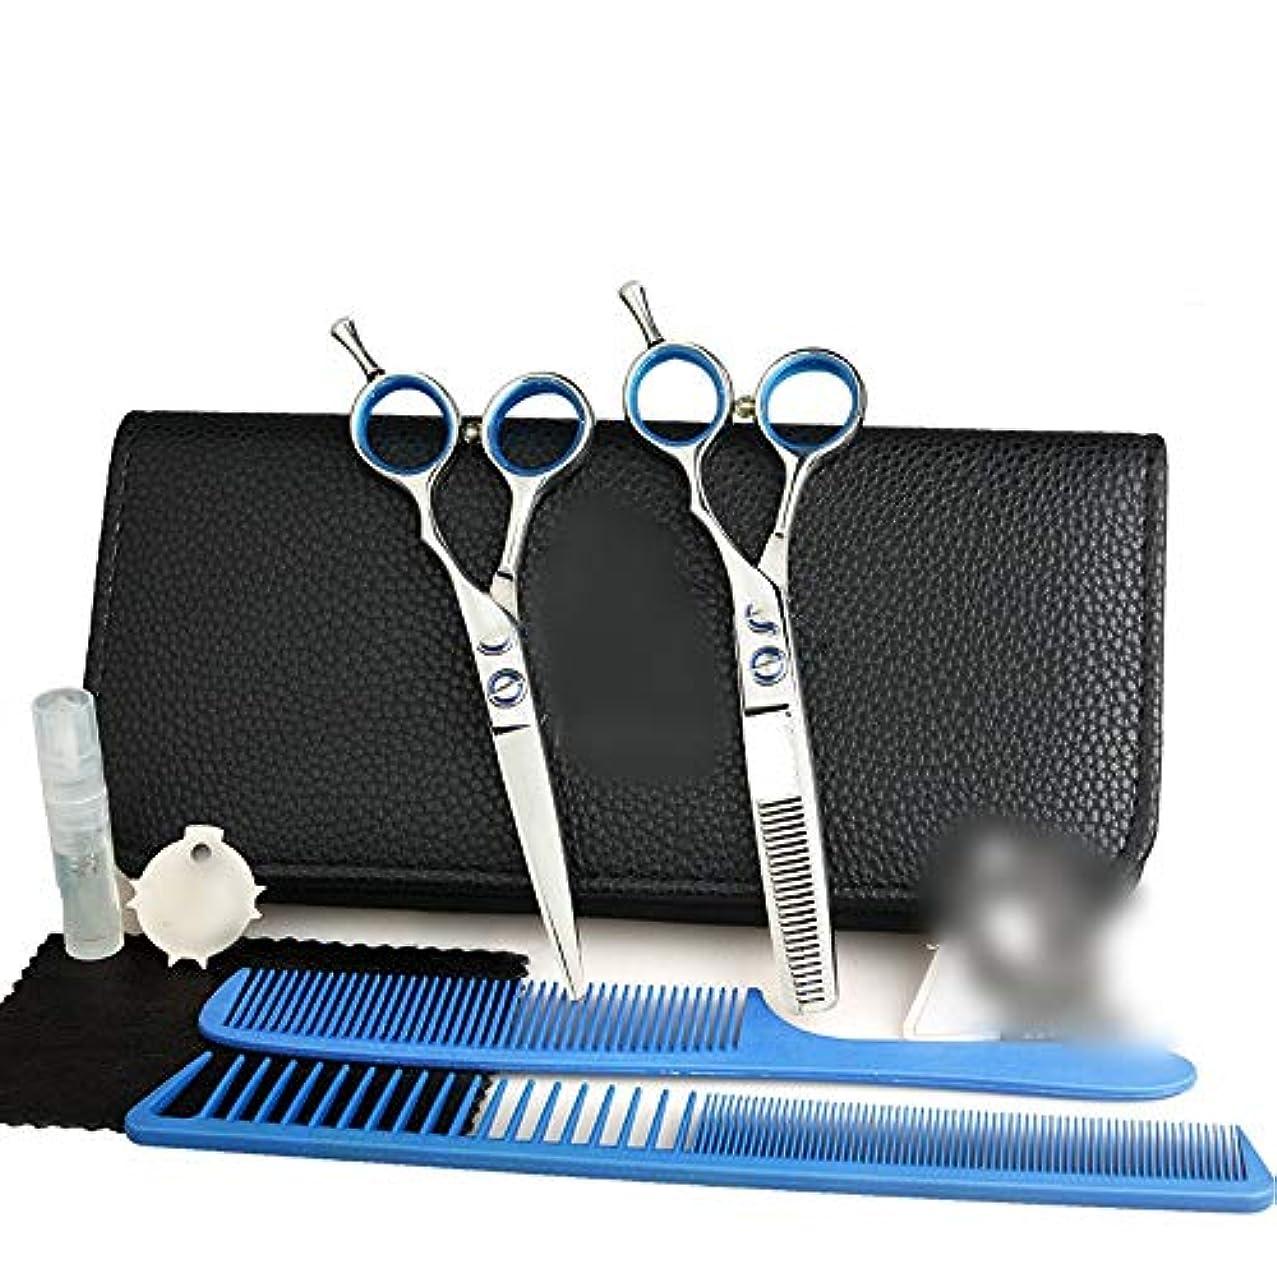 曲線パプアニューギニア人気の5.5インチ理髪はさみセット、フラット+歯シザー理髪はさみツールセット ヘアケア (色 : Silver)